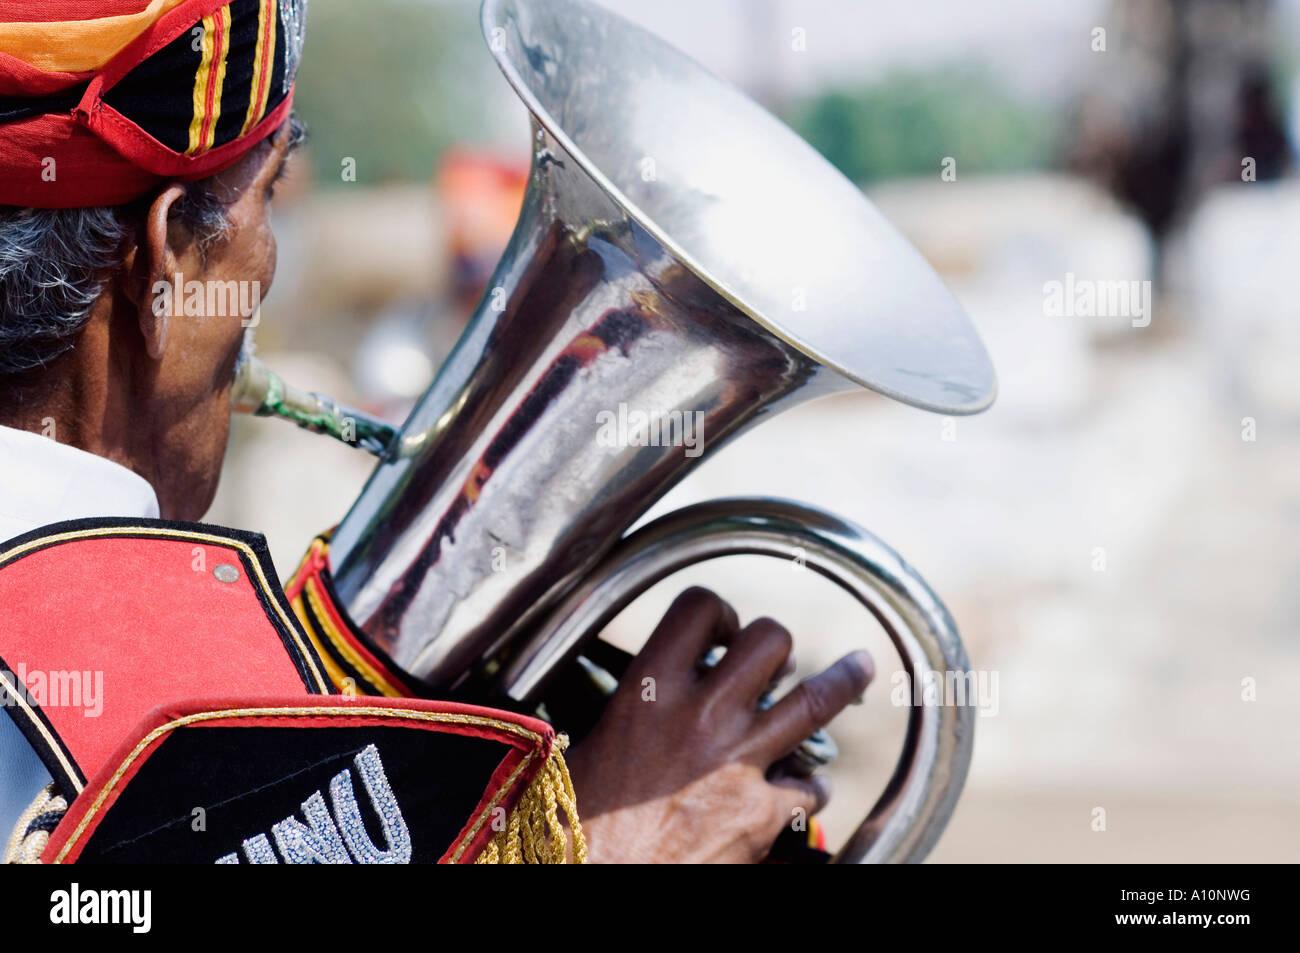 Vista trasera de un hombre tocando la tuba, Jaipur, Rajasthan, India Foto de stock